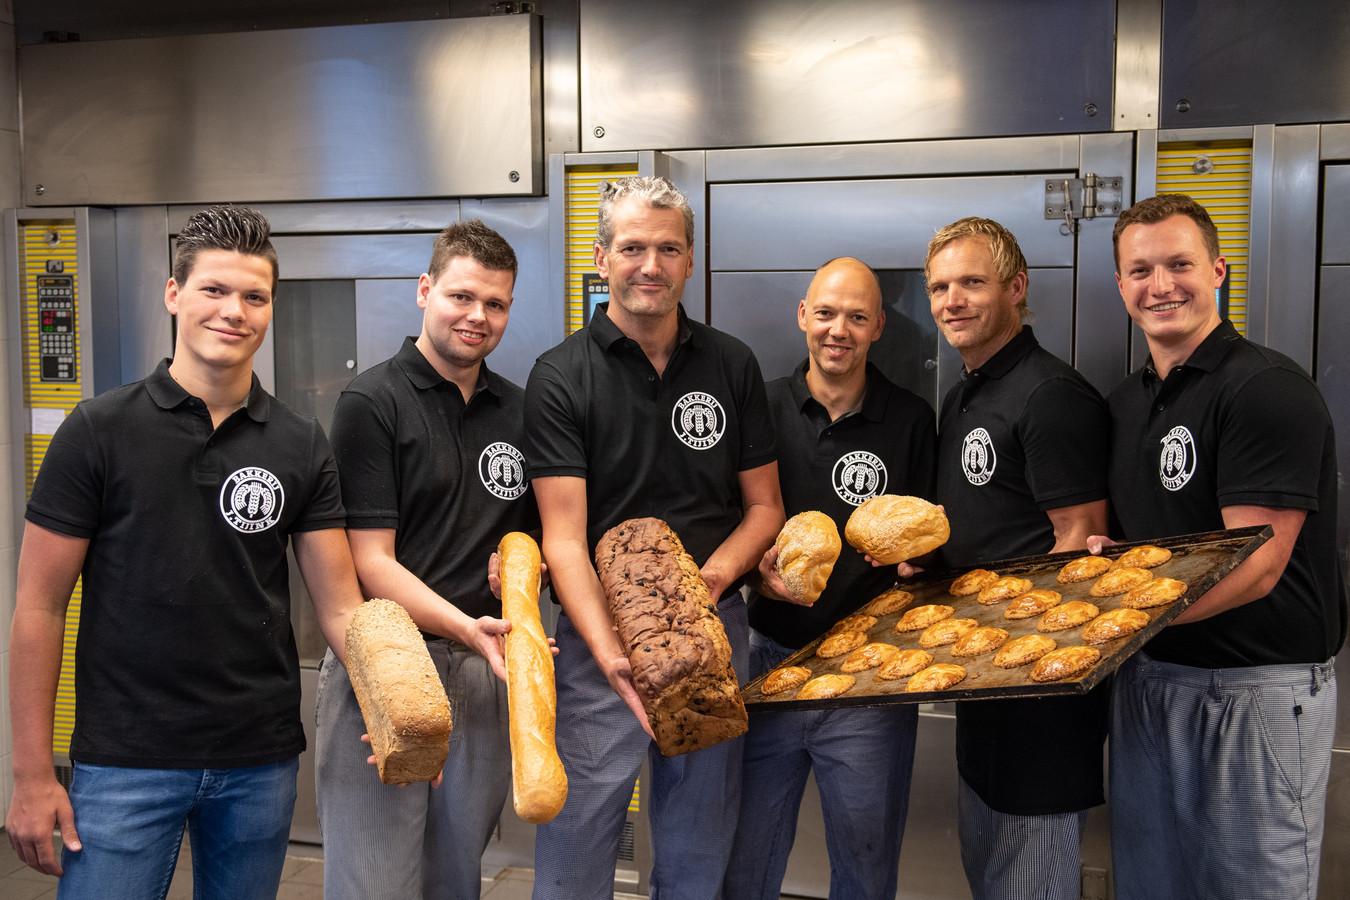 Zij hebben geen last van een beetje warmte: vanaf links Wouter Tijink, Ricardo Nijland, Jan Tijink, Ronald van den Hoek, Henry Borkent en Christian Tijink.